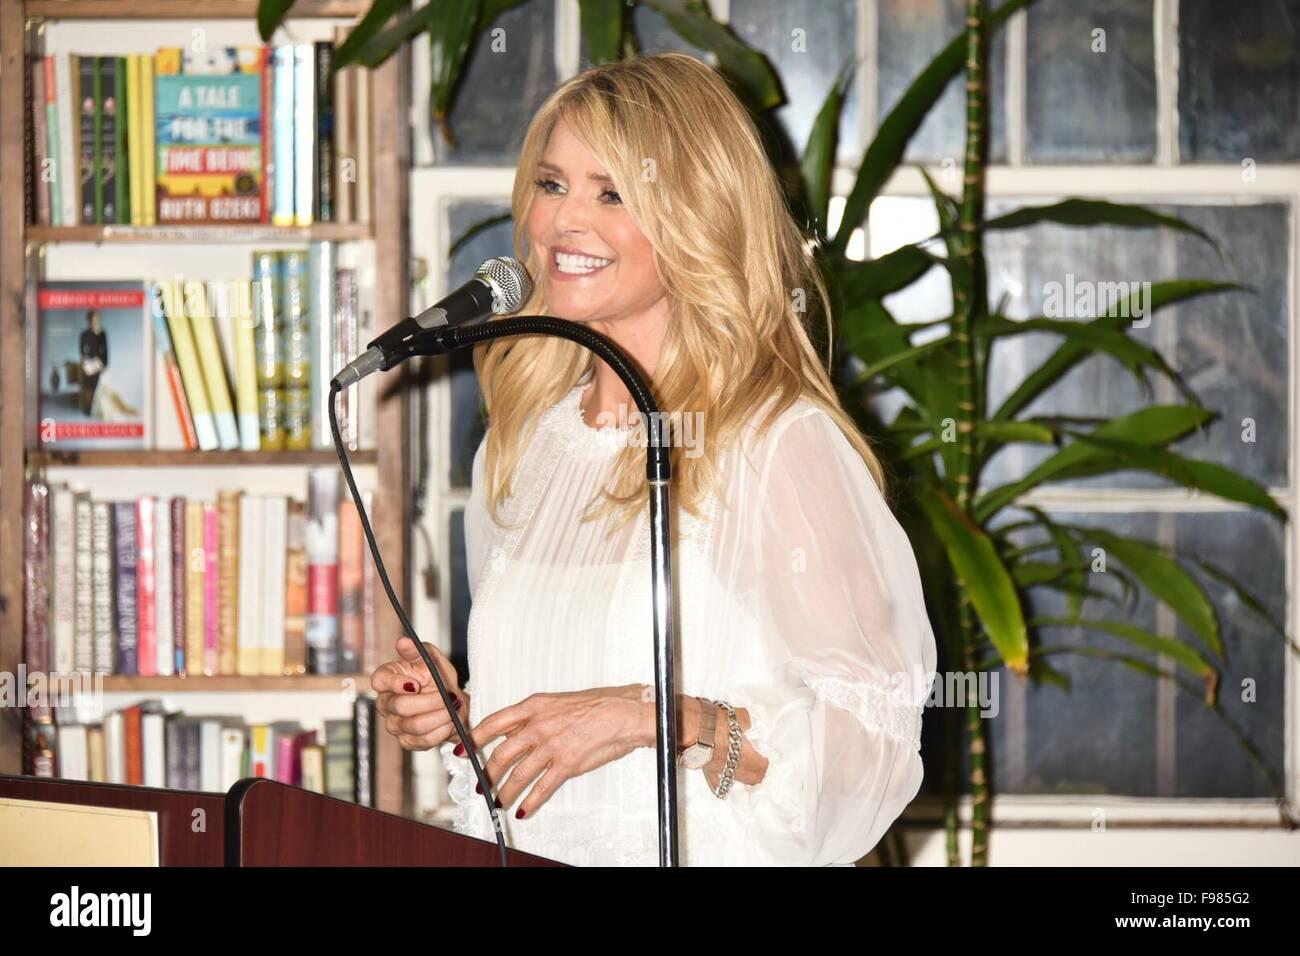 """Christie Brinkley signos ejemplares de su nuevo libro """"eterna belleza"""" en Reserve Revue en Huntington Featuring: Christie Brinkley donde: Huntington, Nueva York, Estados Unidos Cuándo: 13 Nov 2015 Foto de stock"""